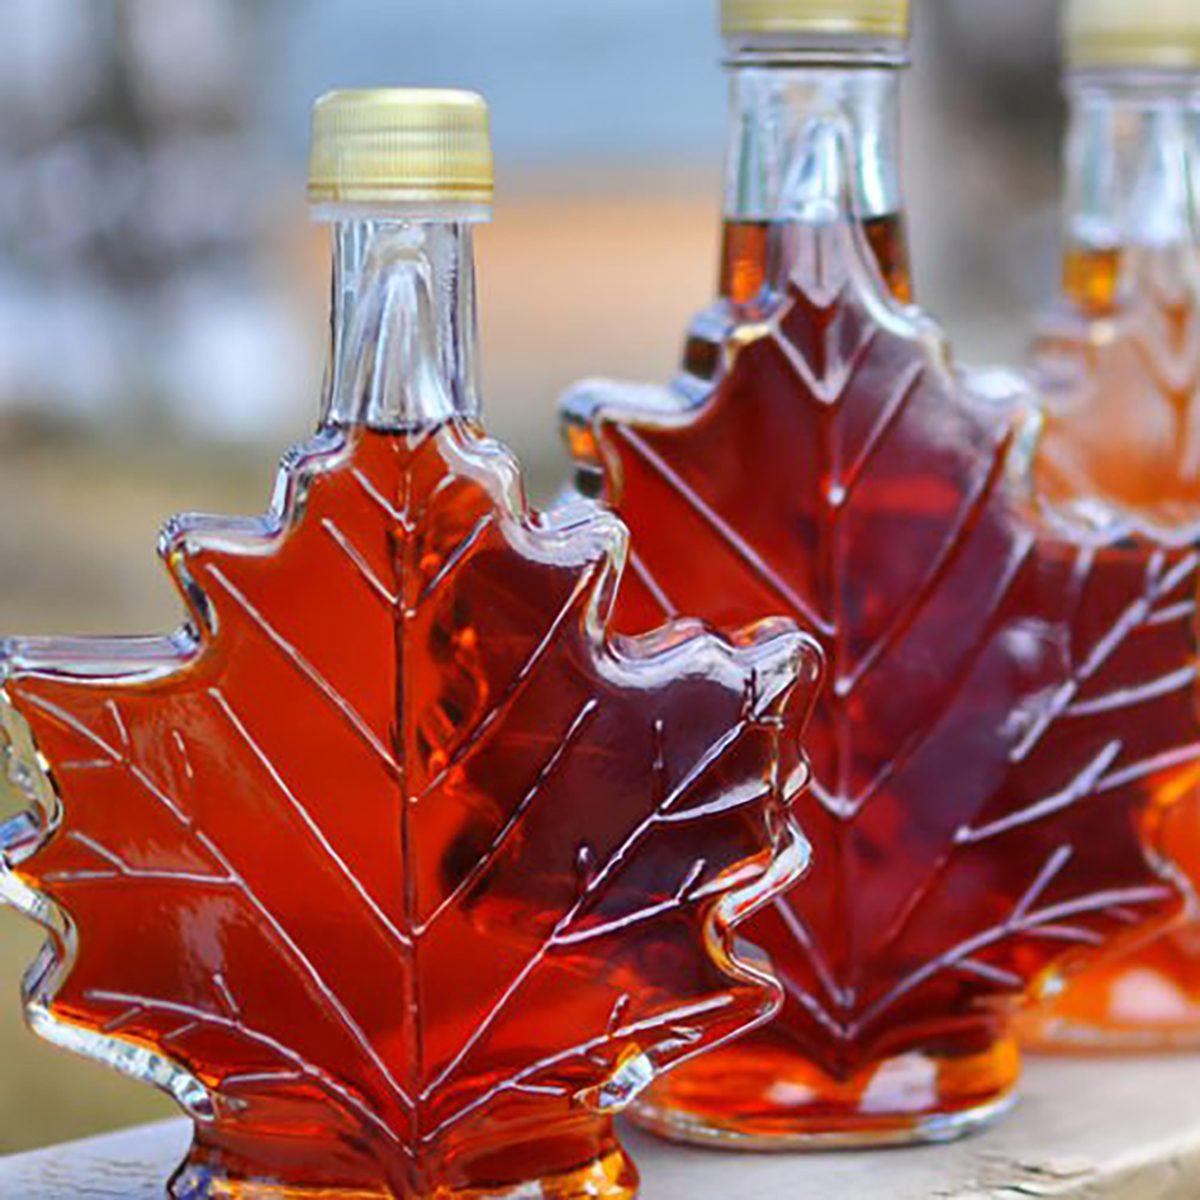 bottles of maple syrup in leaf-shaped bottles